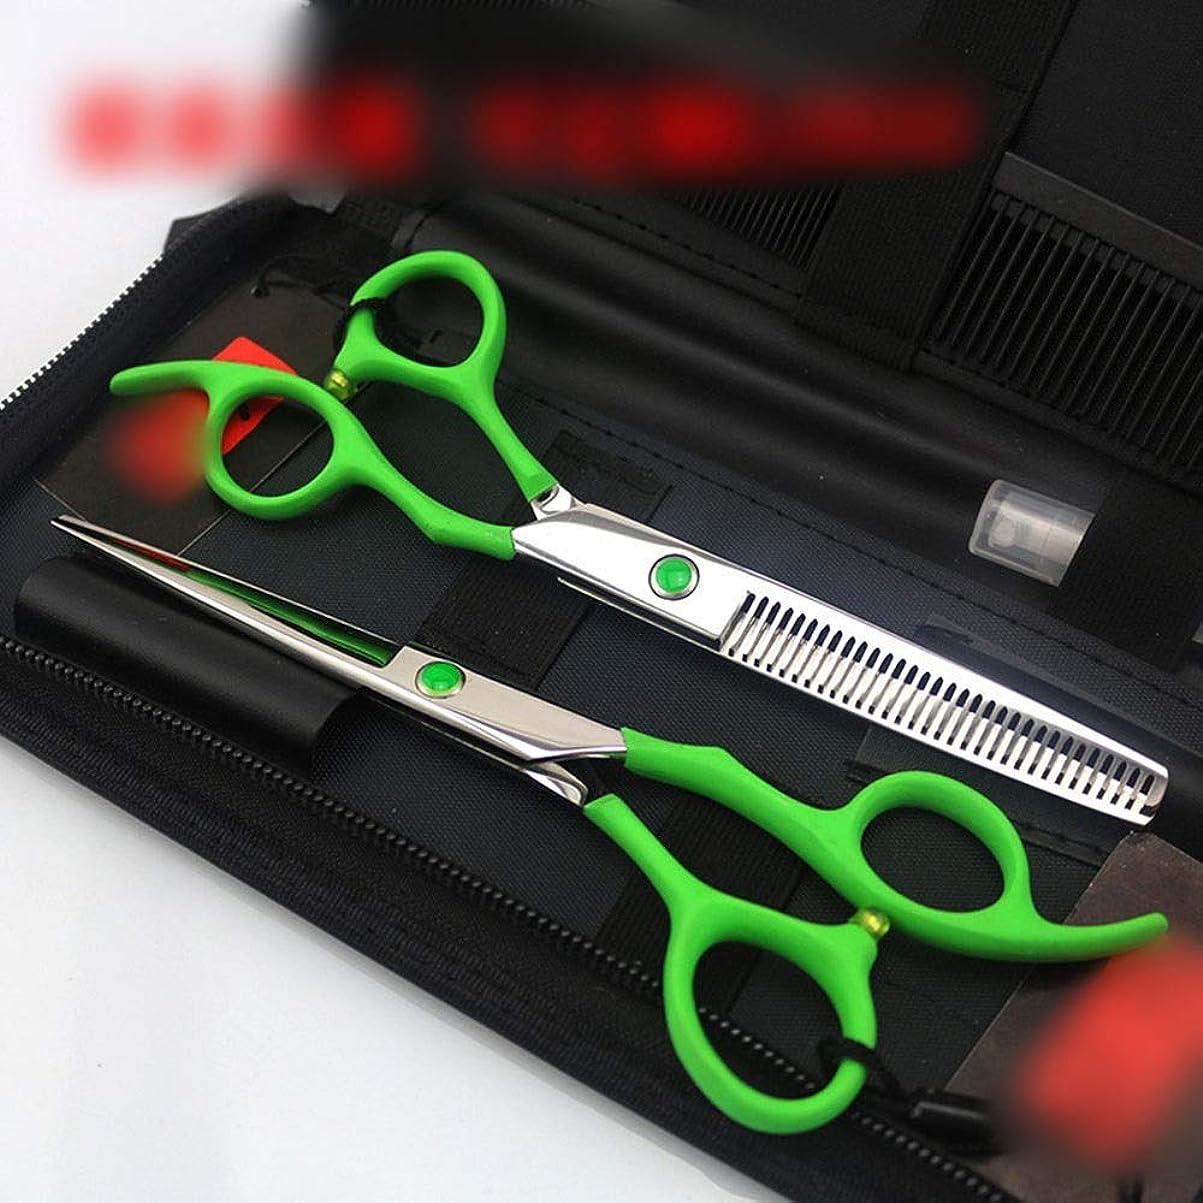 不利益従来の暗い6.0インチグリーンプロフェッショナル理髪はさみセット、フラット+歯シザー理髪ツール モデリングツール (色 : オレンジ)